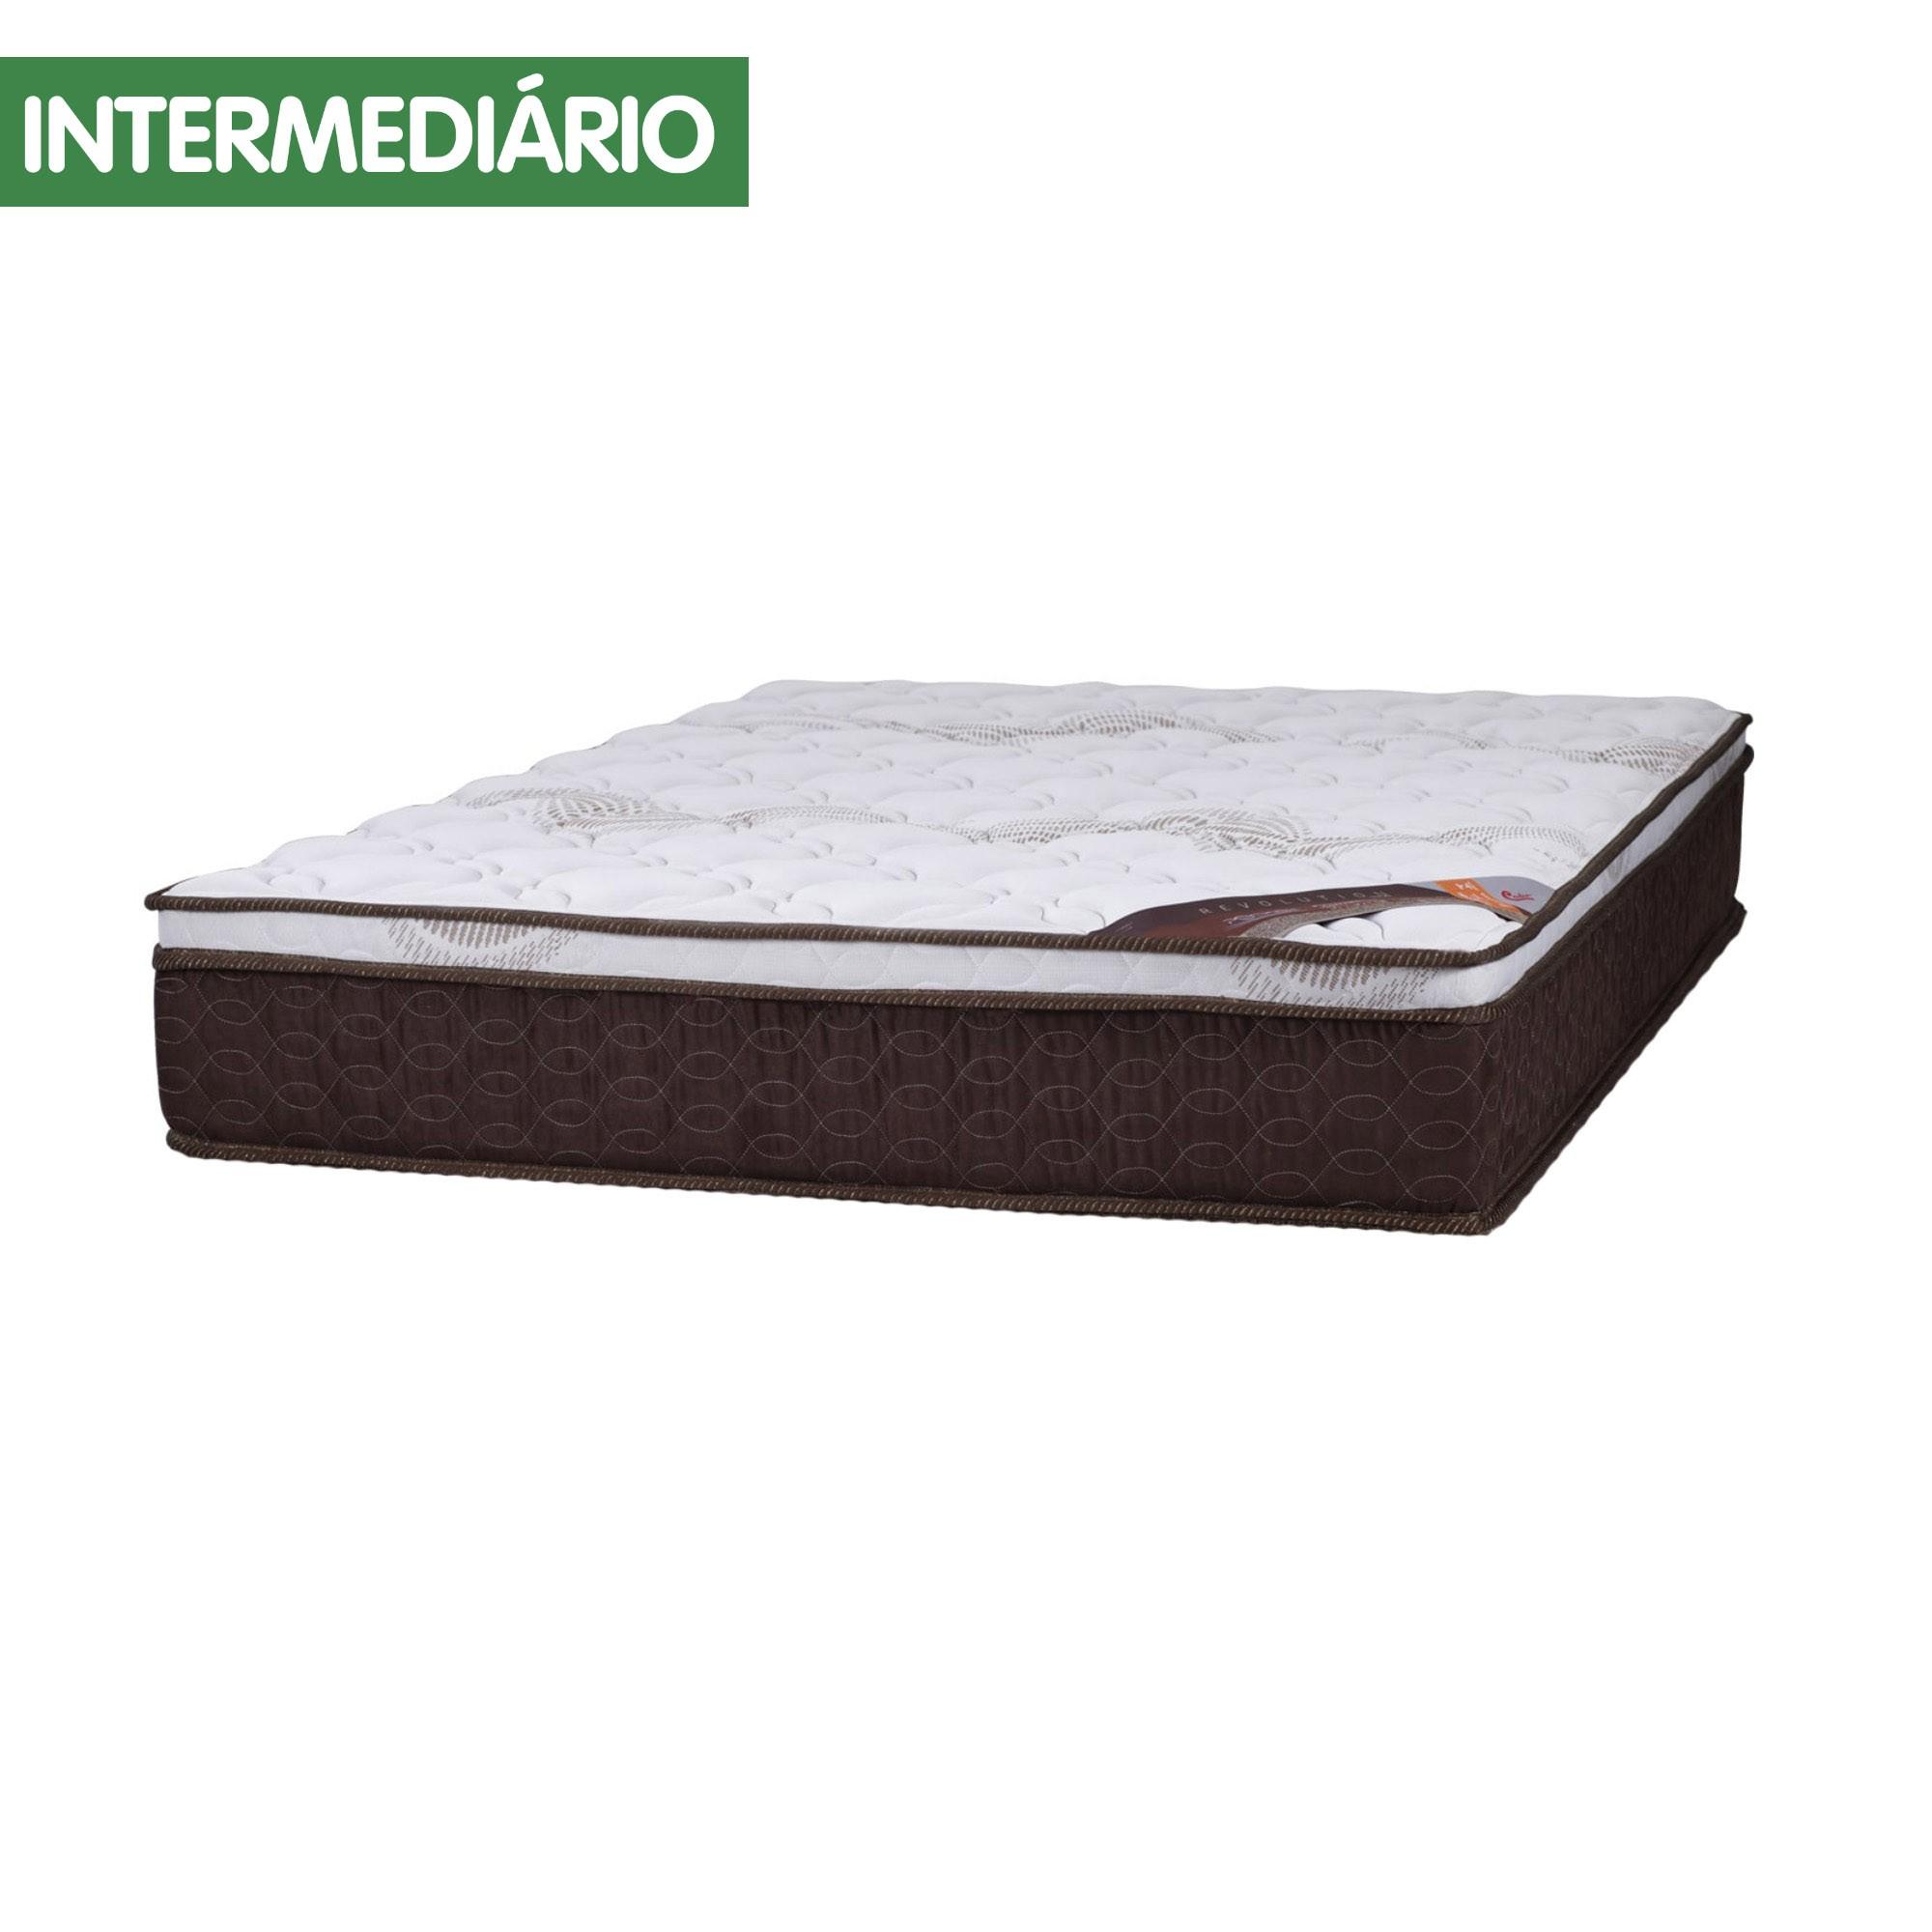 Colchão Castor Revolution Pocket 30 cm [Casal 138 x 188 cm]